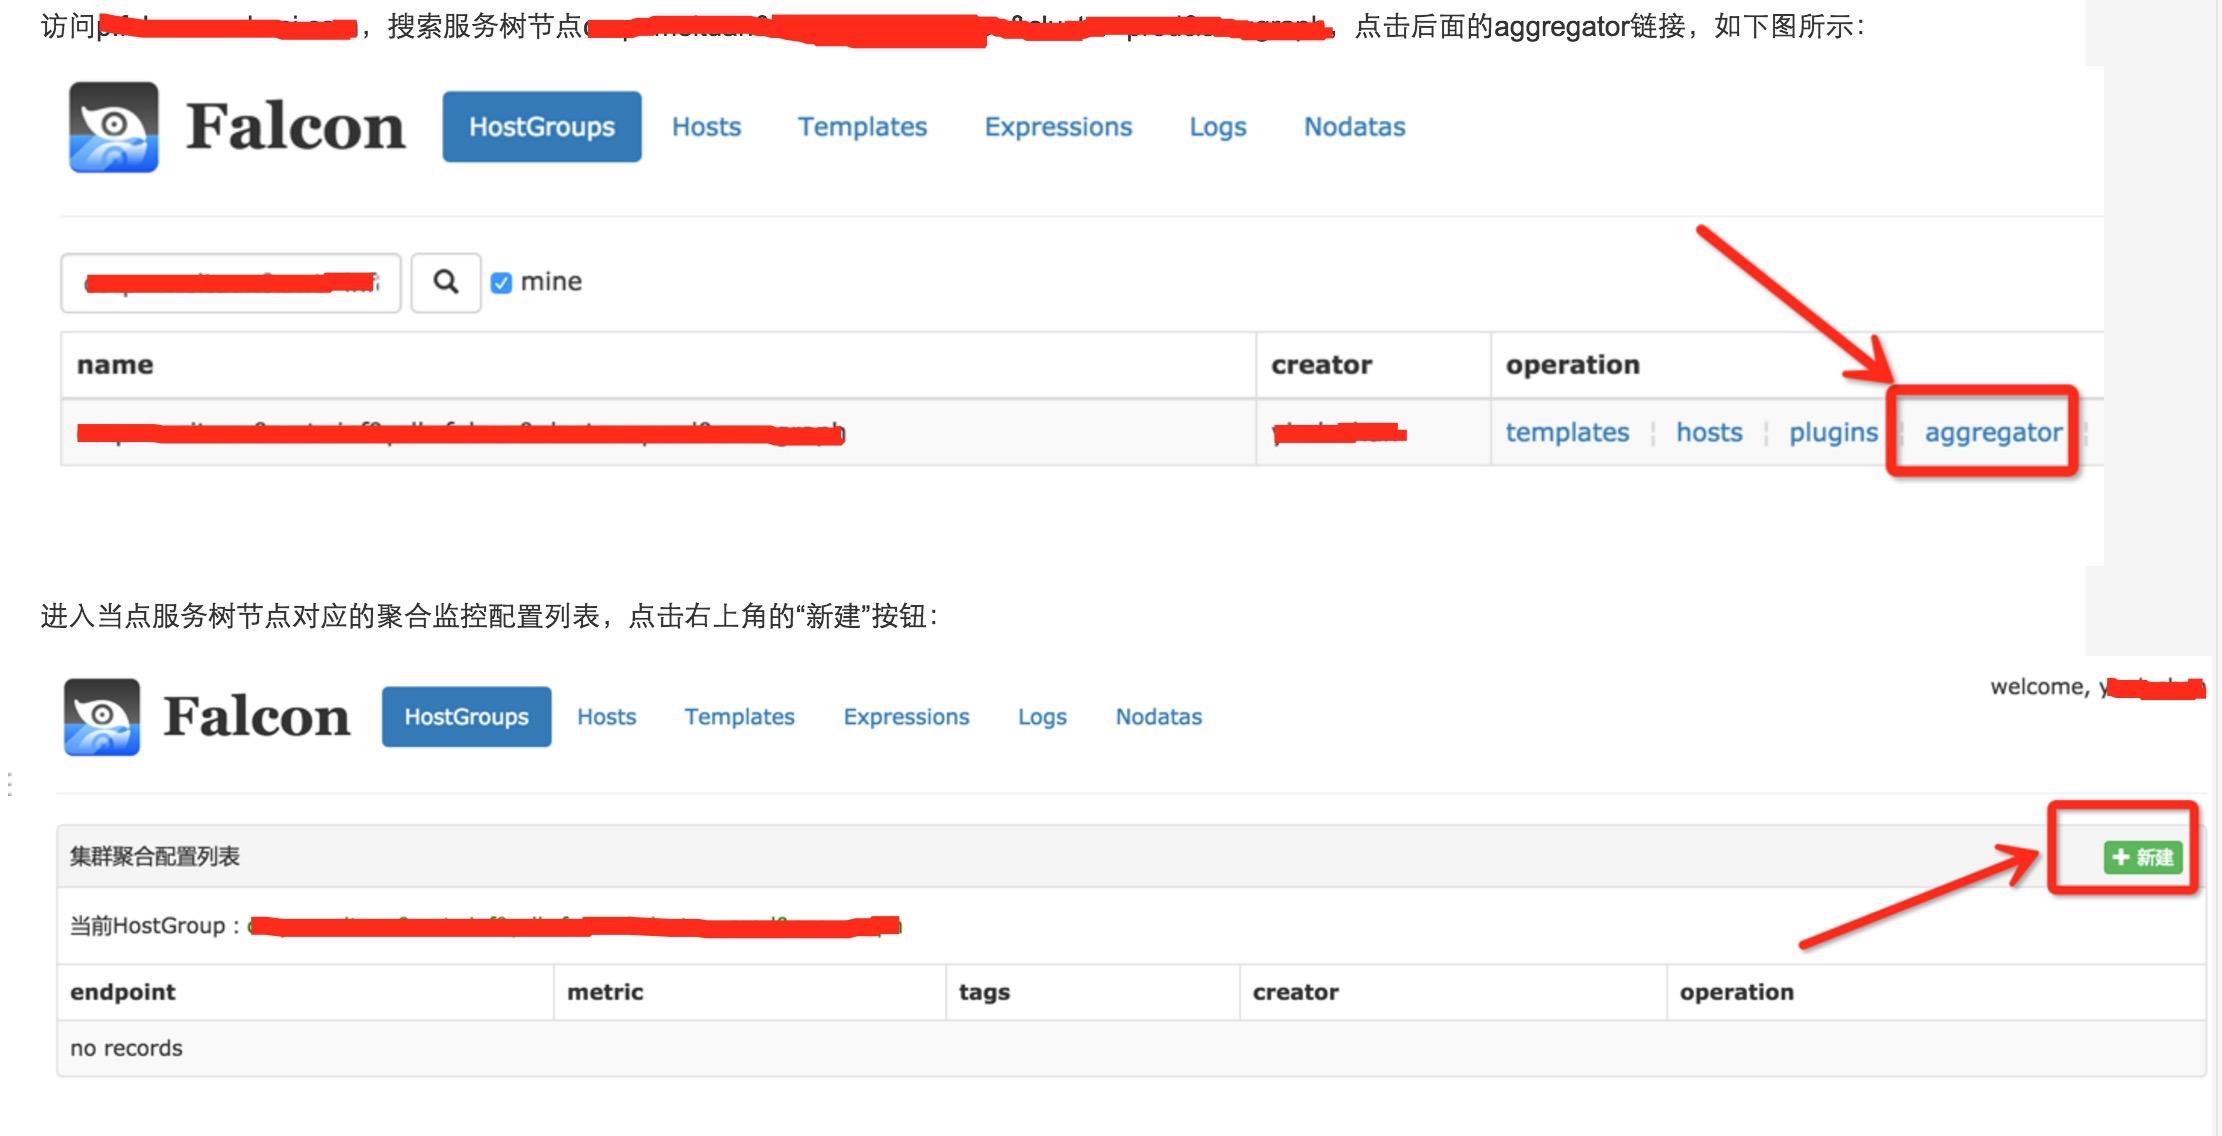 aggregator.config